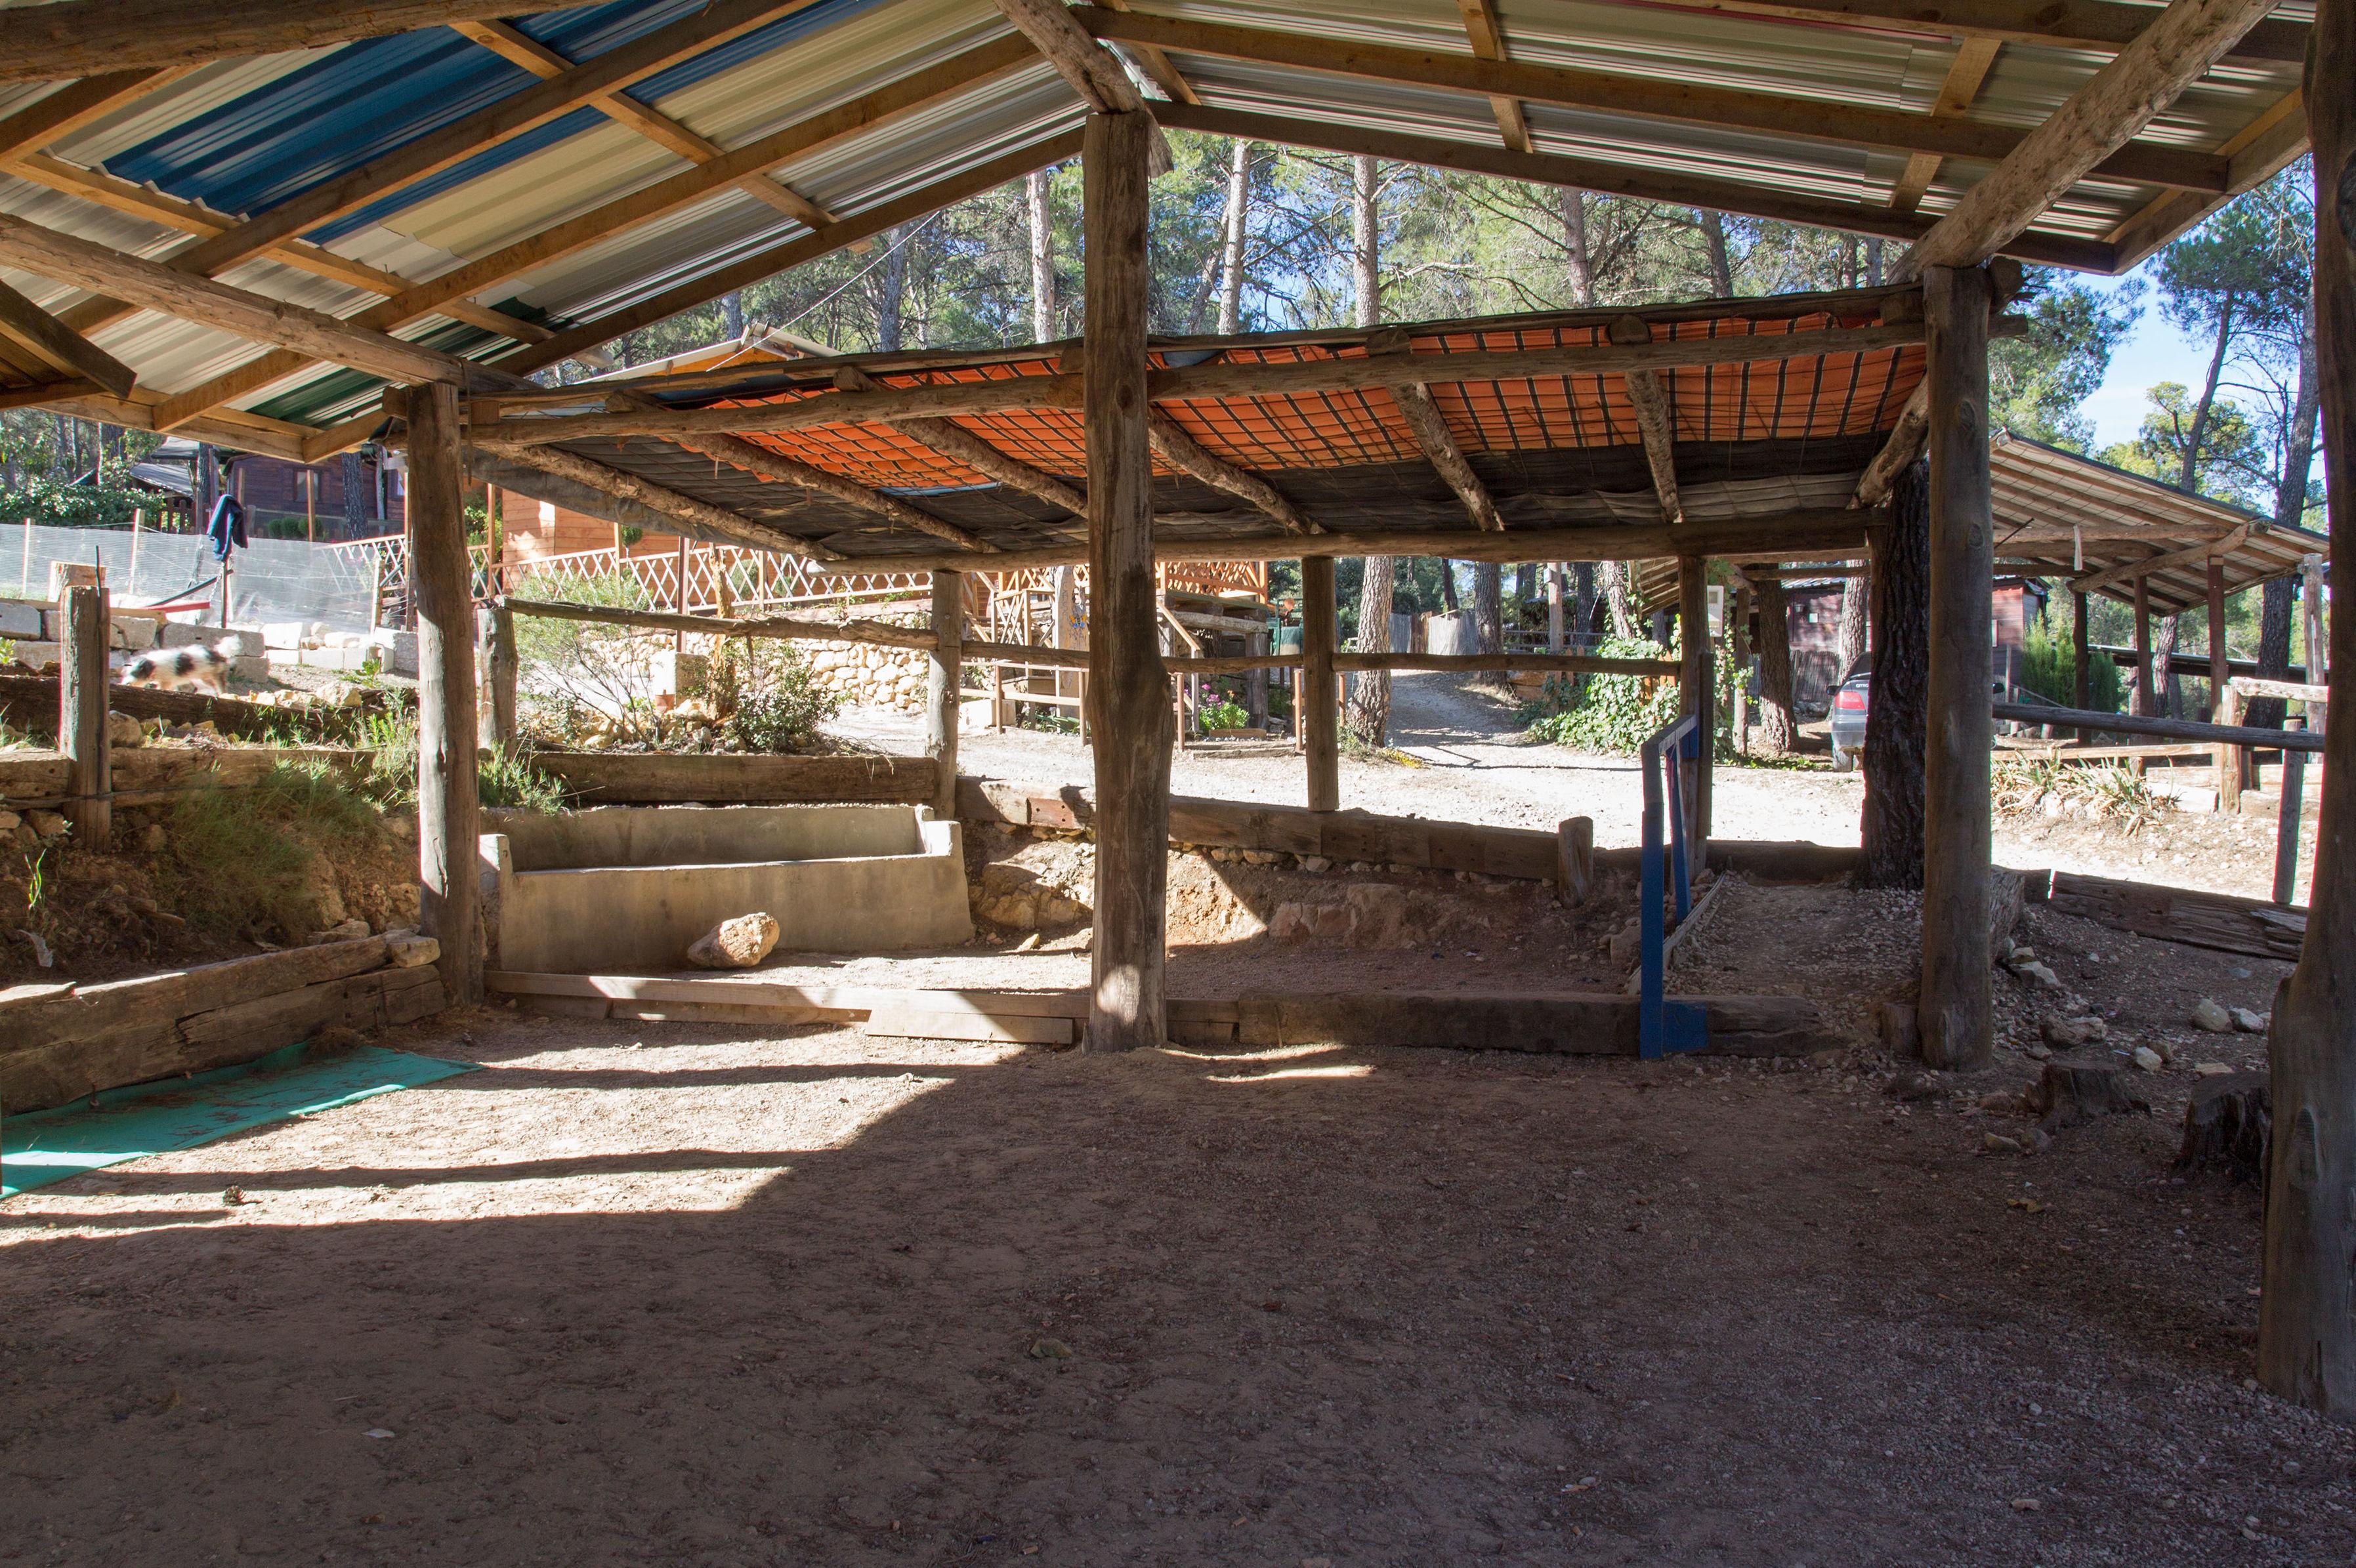 Sotechados para caravanas en el Camping Los Carasoles en Navalón, Enguera, Valencia